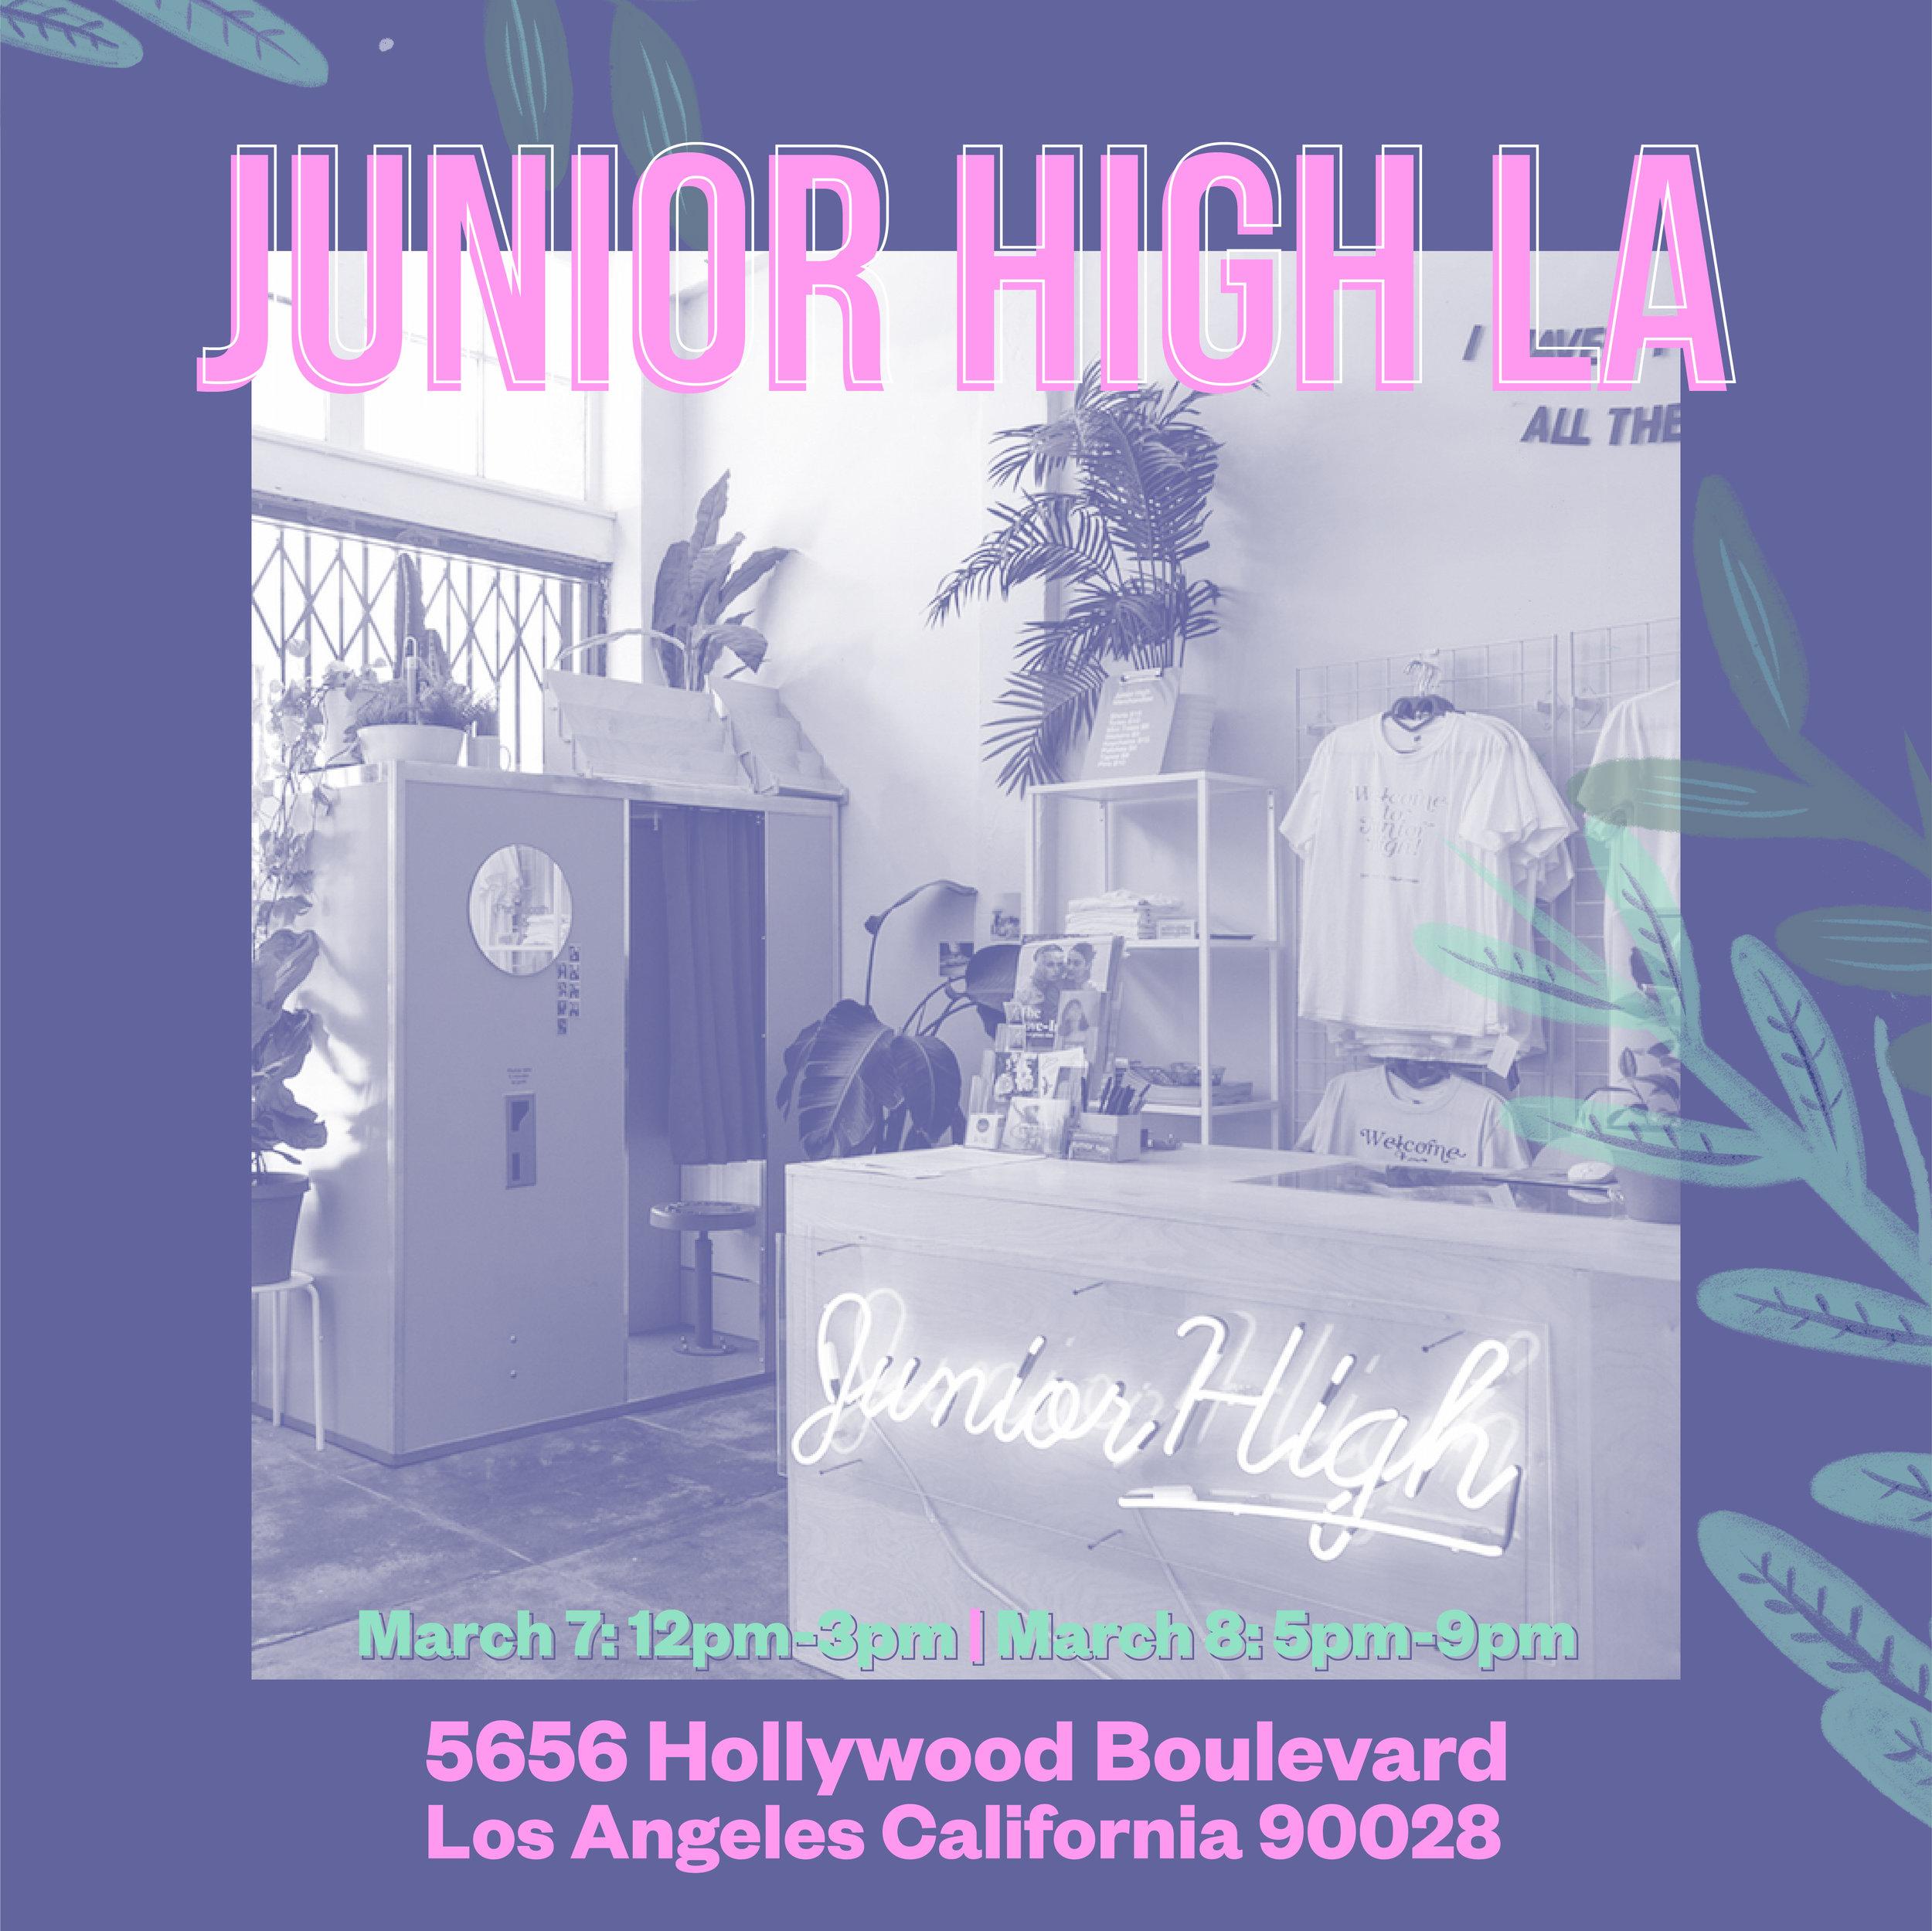 LOS ANGELES_JrHighLa_FINAL.jpg